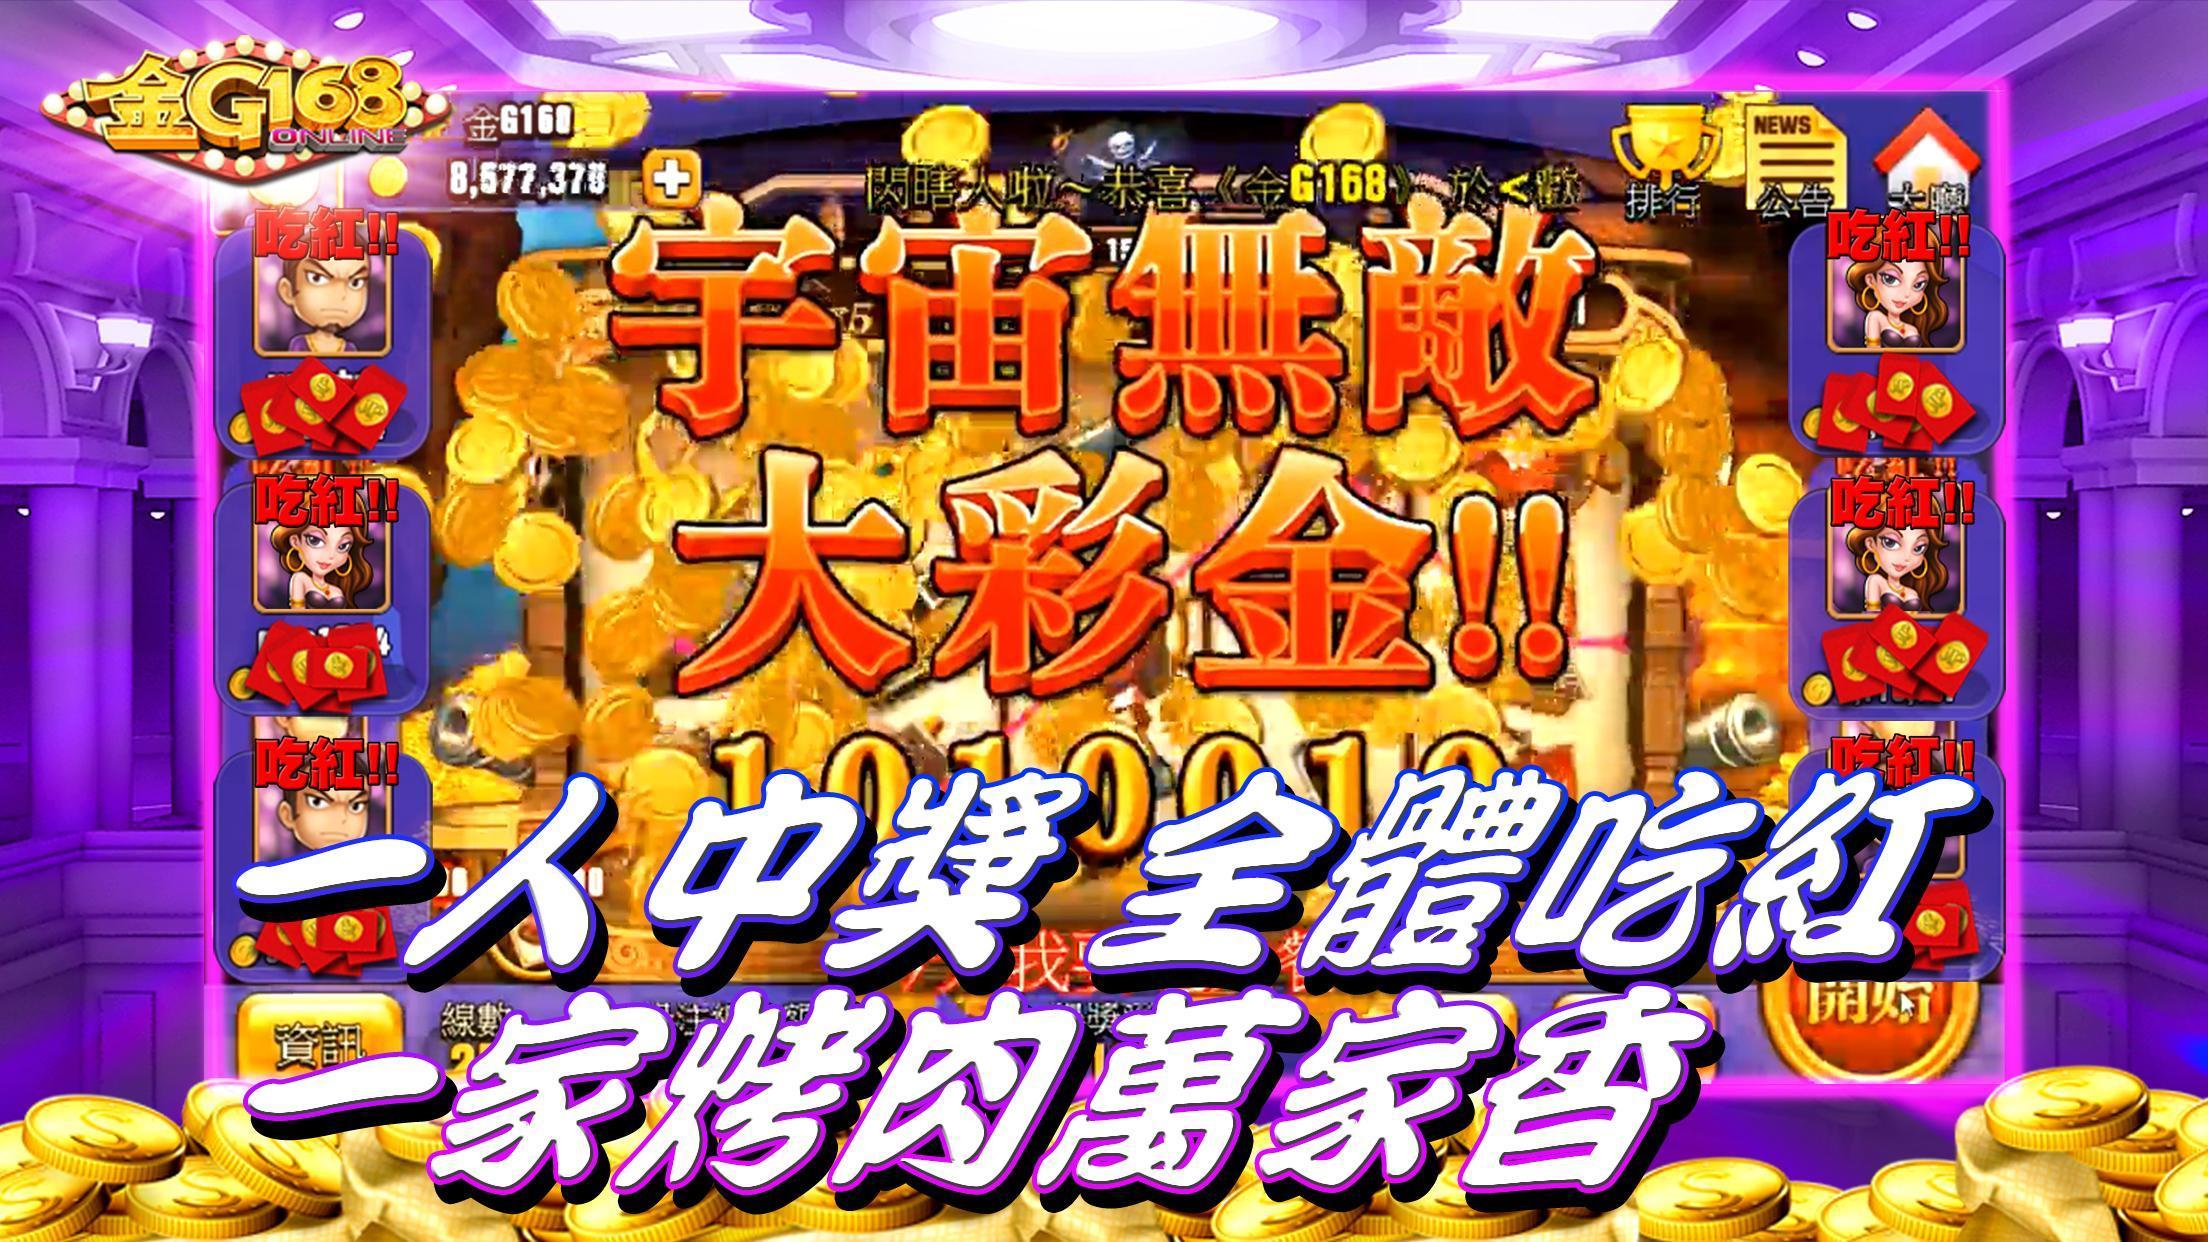 金G168 Casino -老虎機,7PK撲克,小瑪莉,骰寶 1.1.23 Screenshot 9